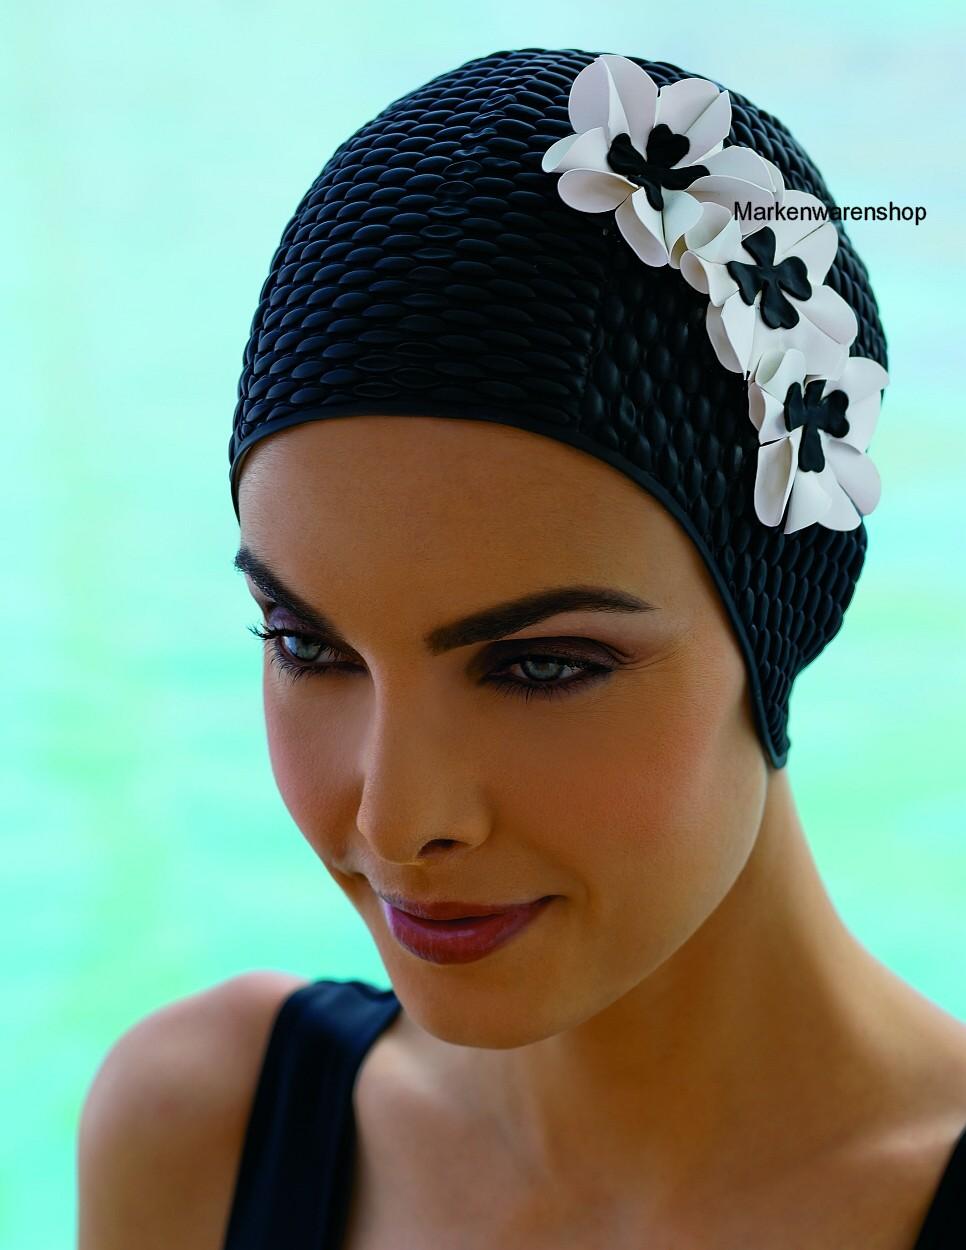 Bonnet de Bain 3 Fleurs Noir Blanc Caoutchouc Luftgefüllt 3119-20 Fashy